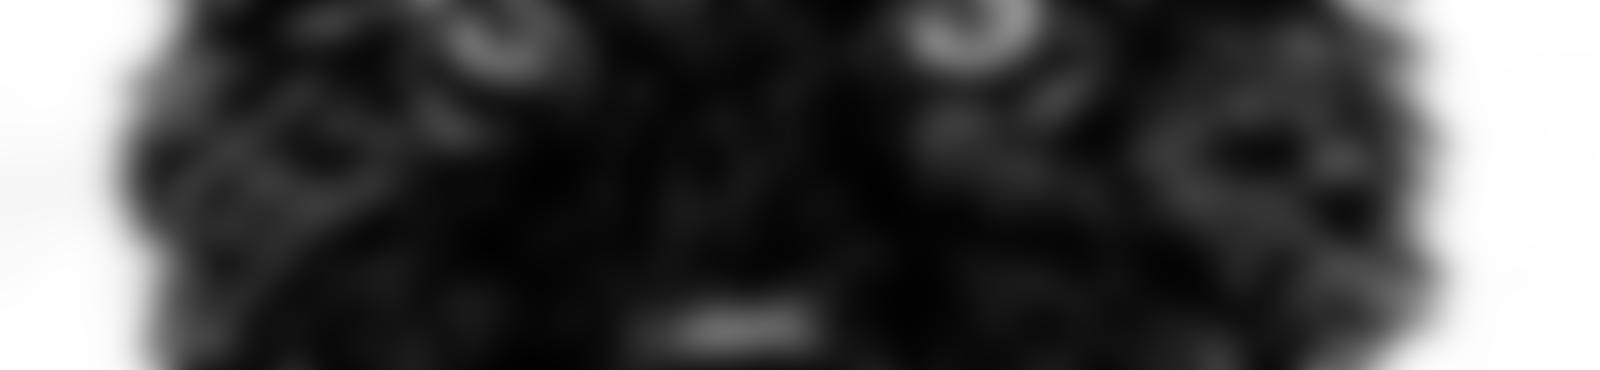 Blurred 6ae06206 bf51 4f66 8115 9f3069aad726